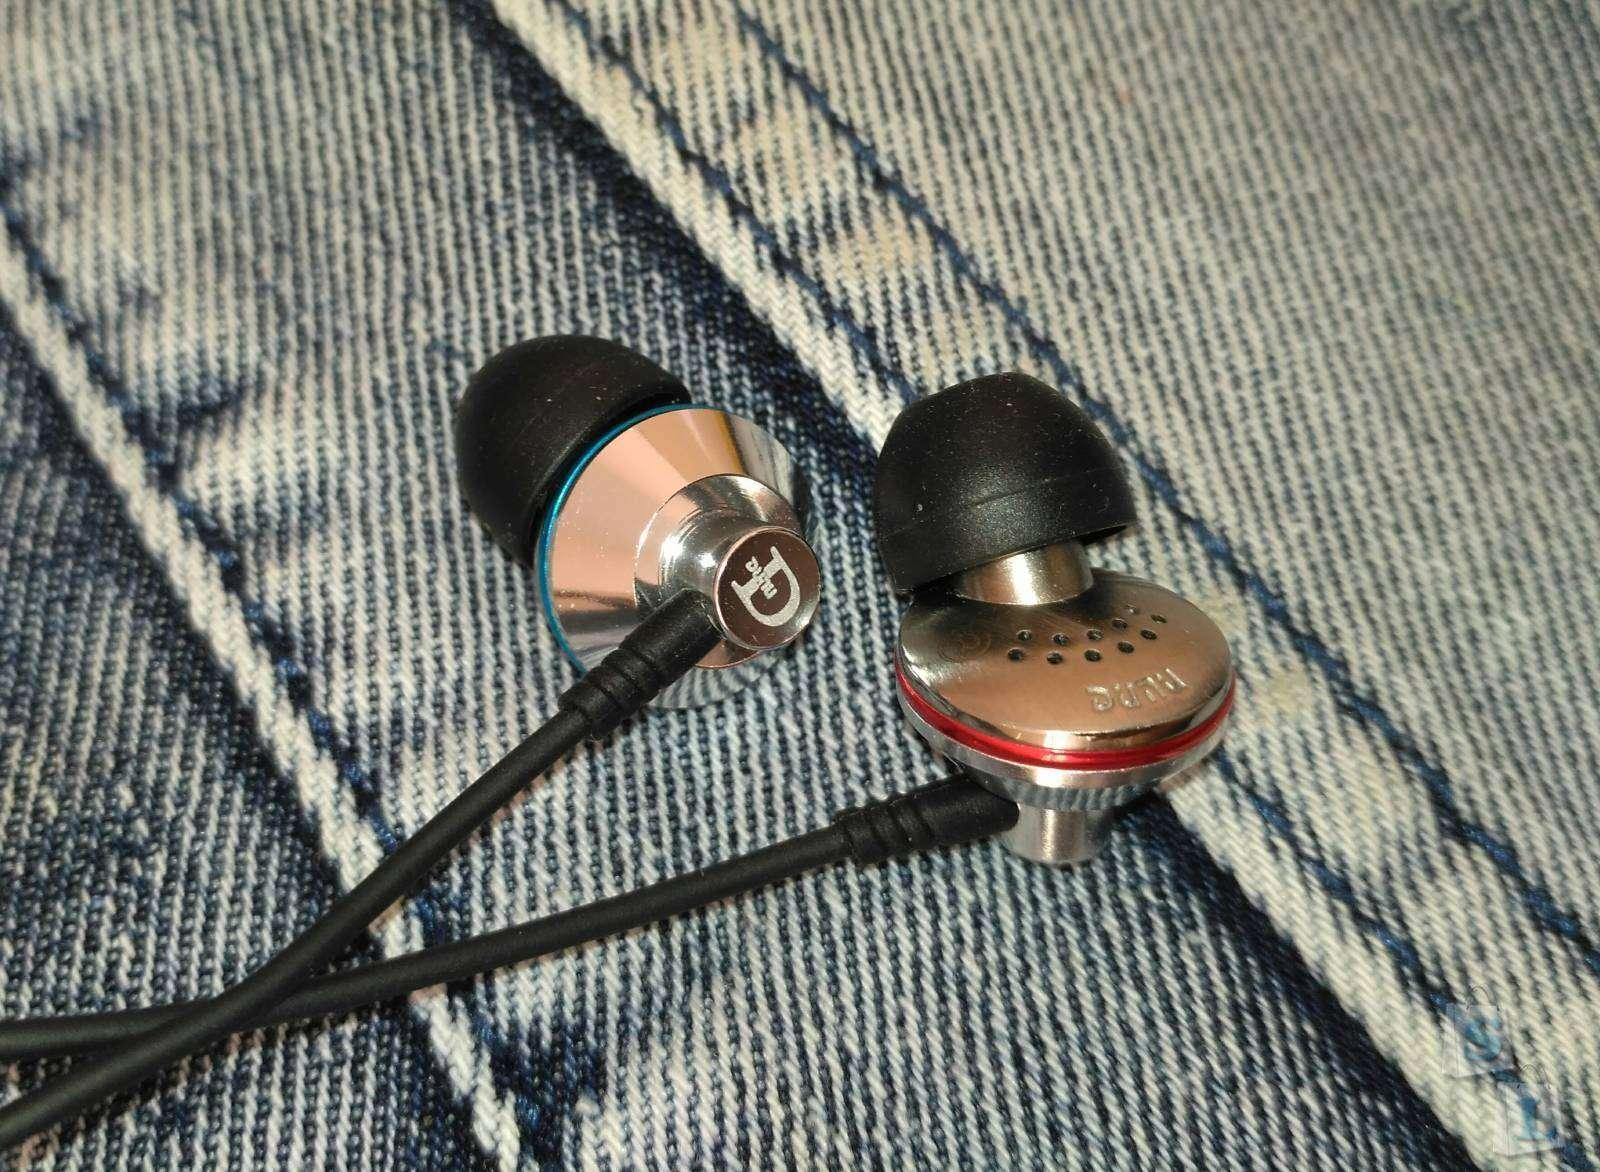 PenonAudio: Dunu Titan 1. Наушники которые снискали популярность не только среди рядовых любителей музыки, но и у требовательных аудиофилов.